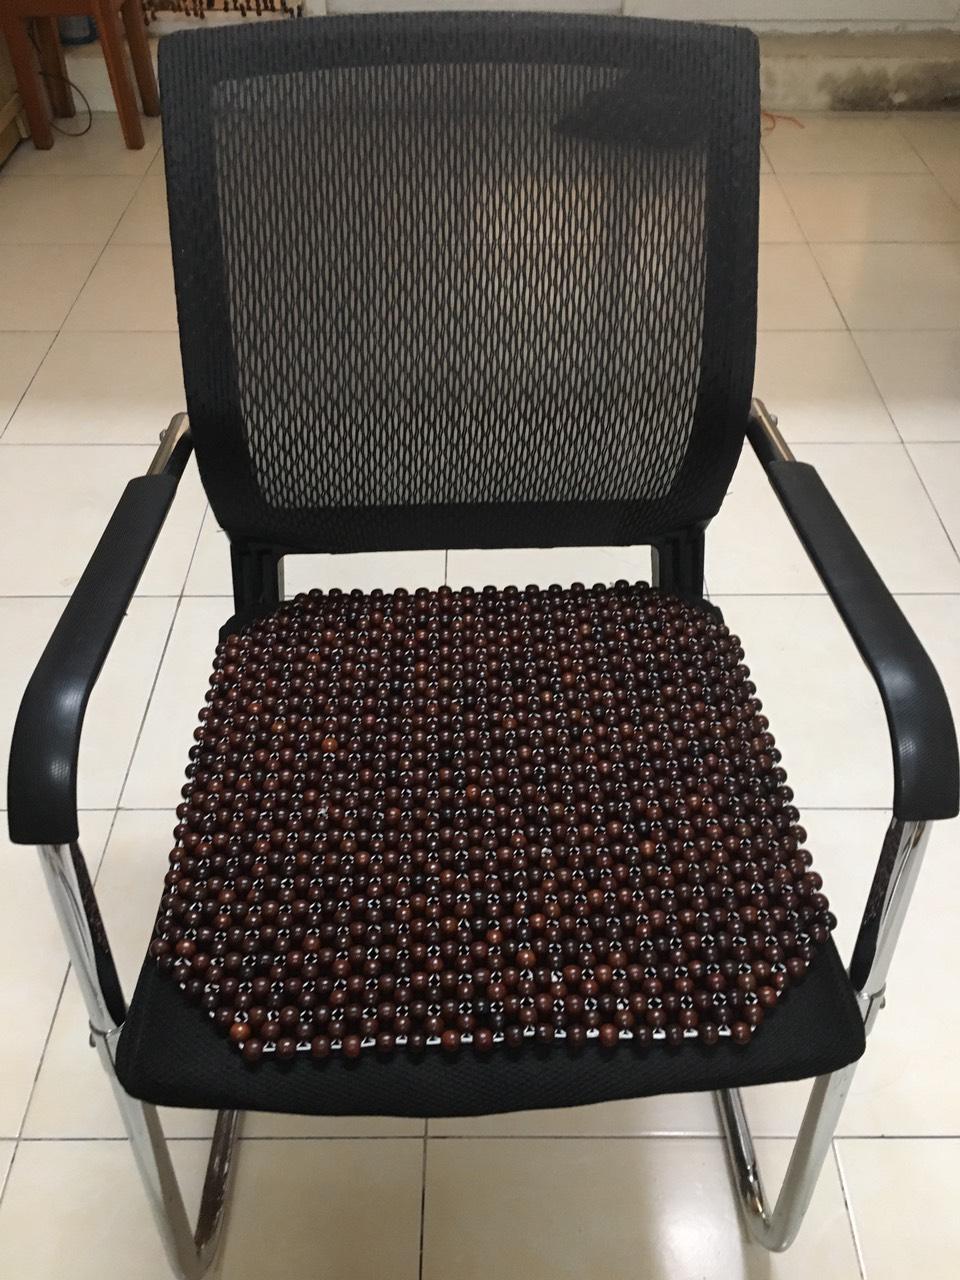 Lót ghế ô tô hạt gỗ trắc bóng hạt 1,2cm - Kích thước 45cm x45cm - Thảm lót ghế ô tô hạt gỗ - Khoác ghế ô tô hạt gỗ nhỏ - Đệm ghế ô tô